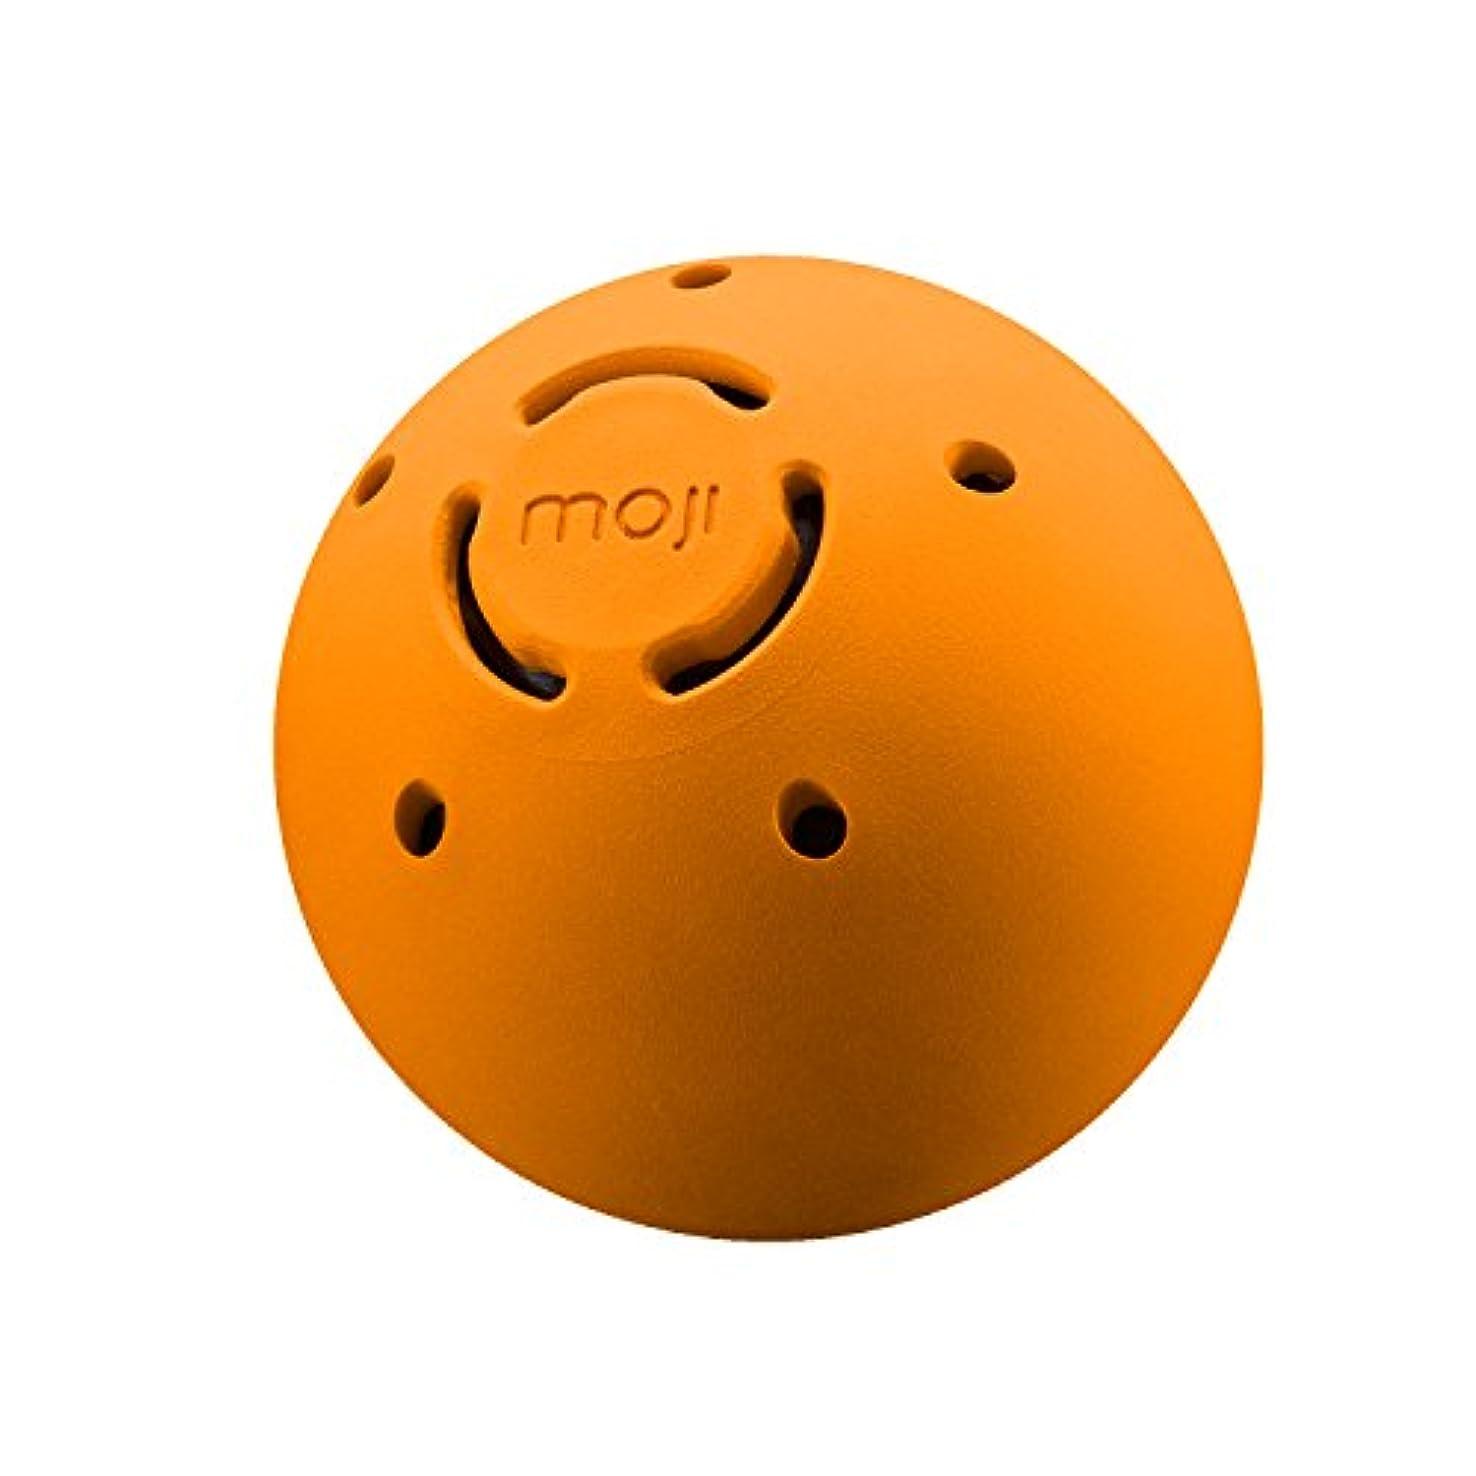 施設形容詞見る温熱 マッサージボール 筋肉の痛み 筋肉をほぐす 血流促進 MojiHeat Massage Ball (Large)